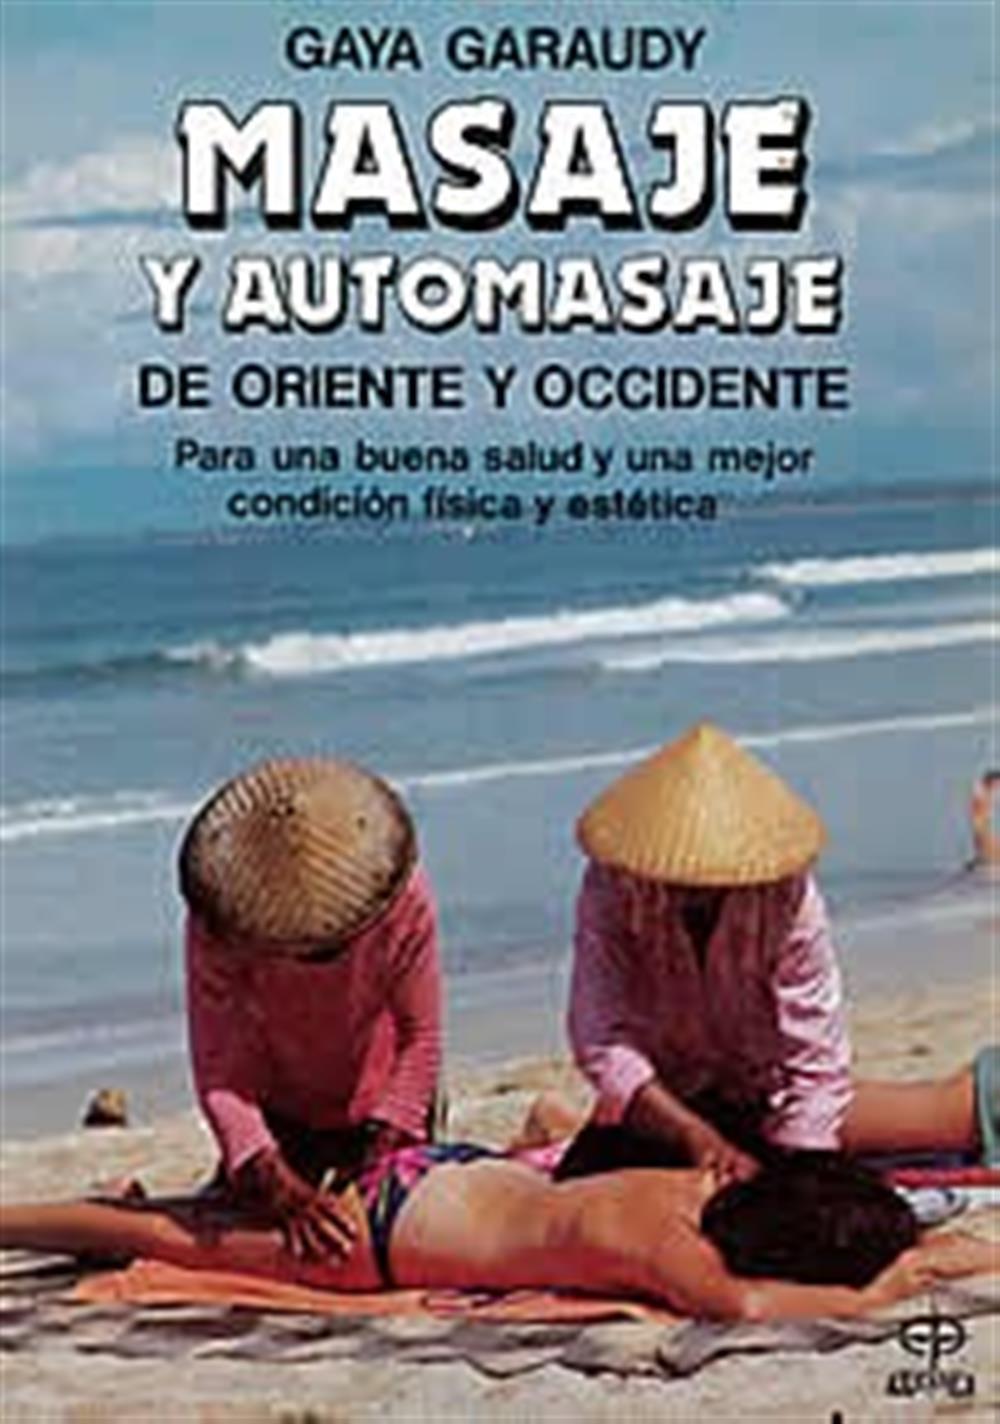 Masaje y automasaje de Oriente y Occidente